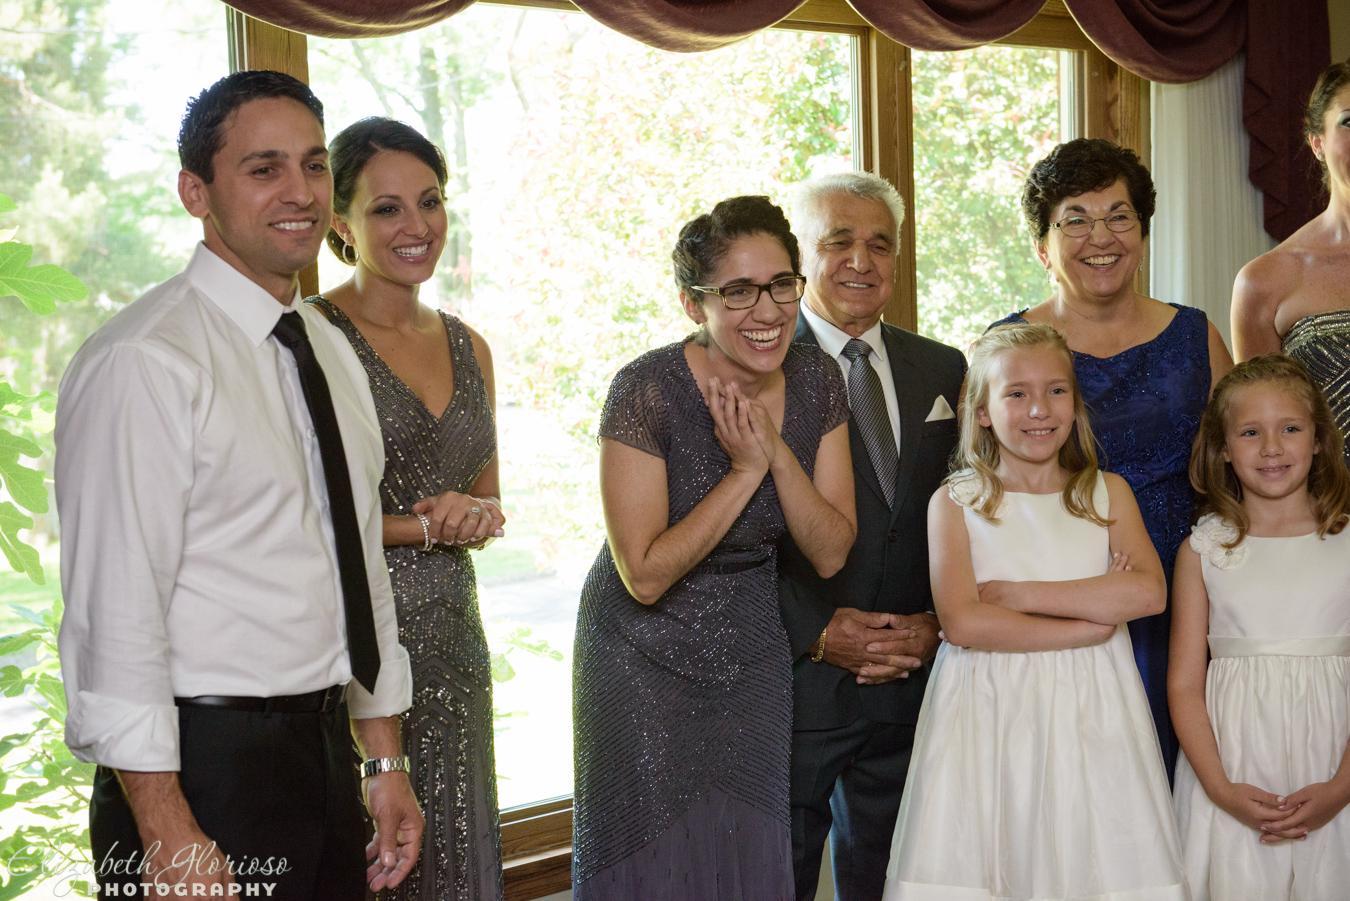 Wedding_Glorioso_Photography_Cleveland-105